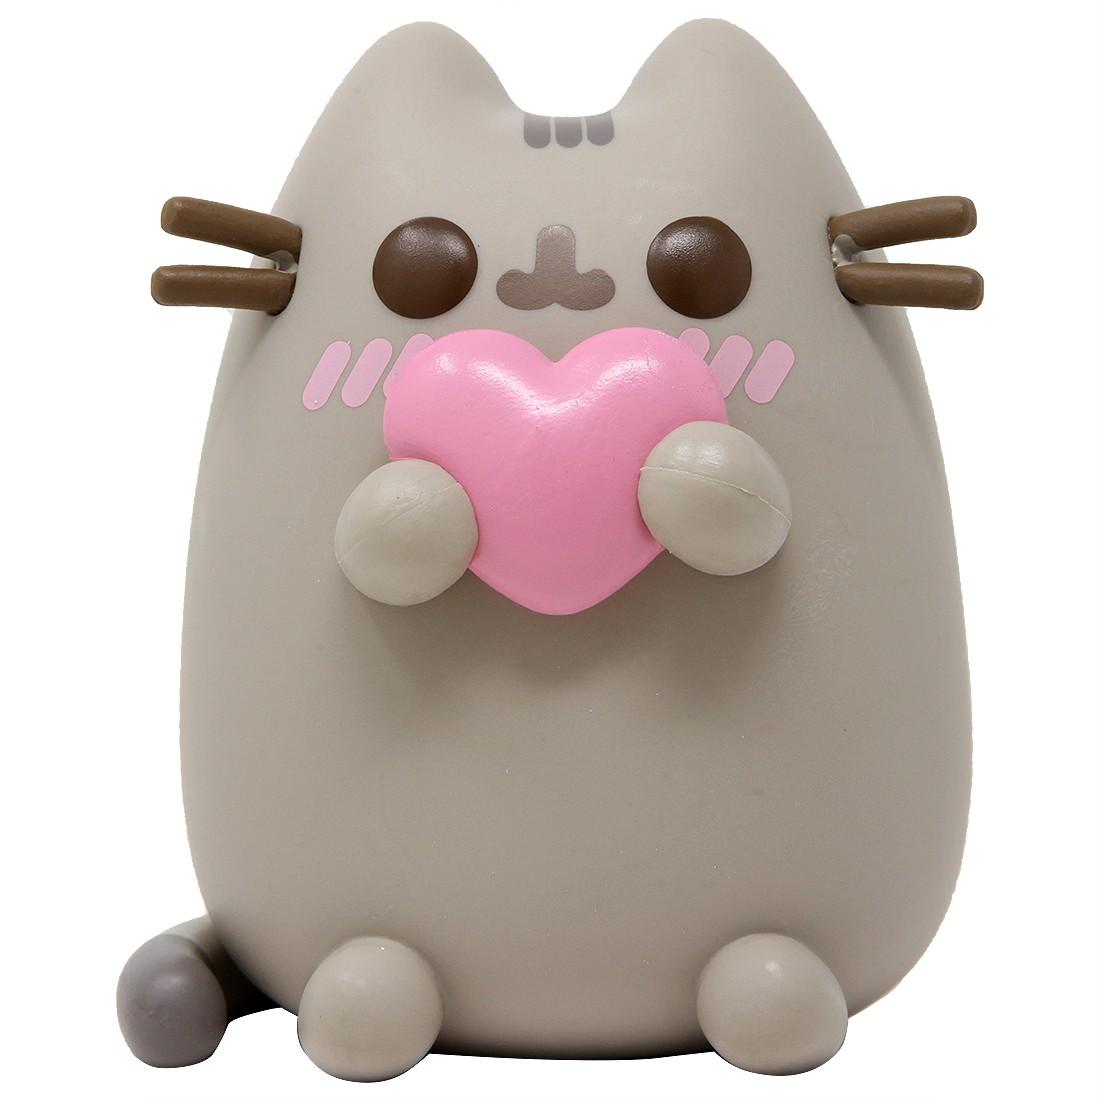 Funko POP Pusheen The Cat - Pusheen With Heart (gray)